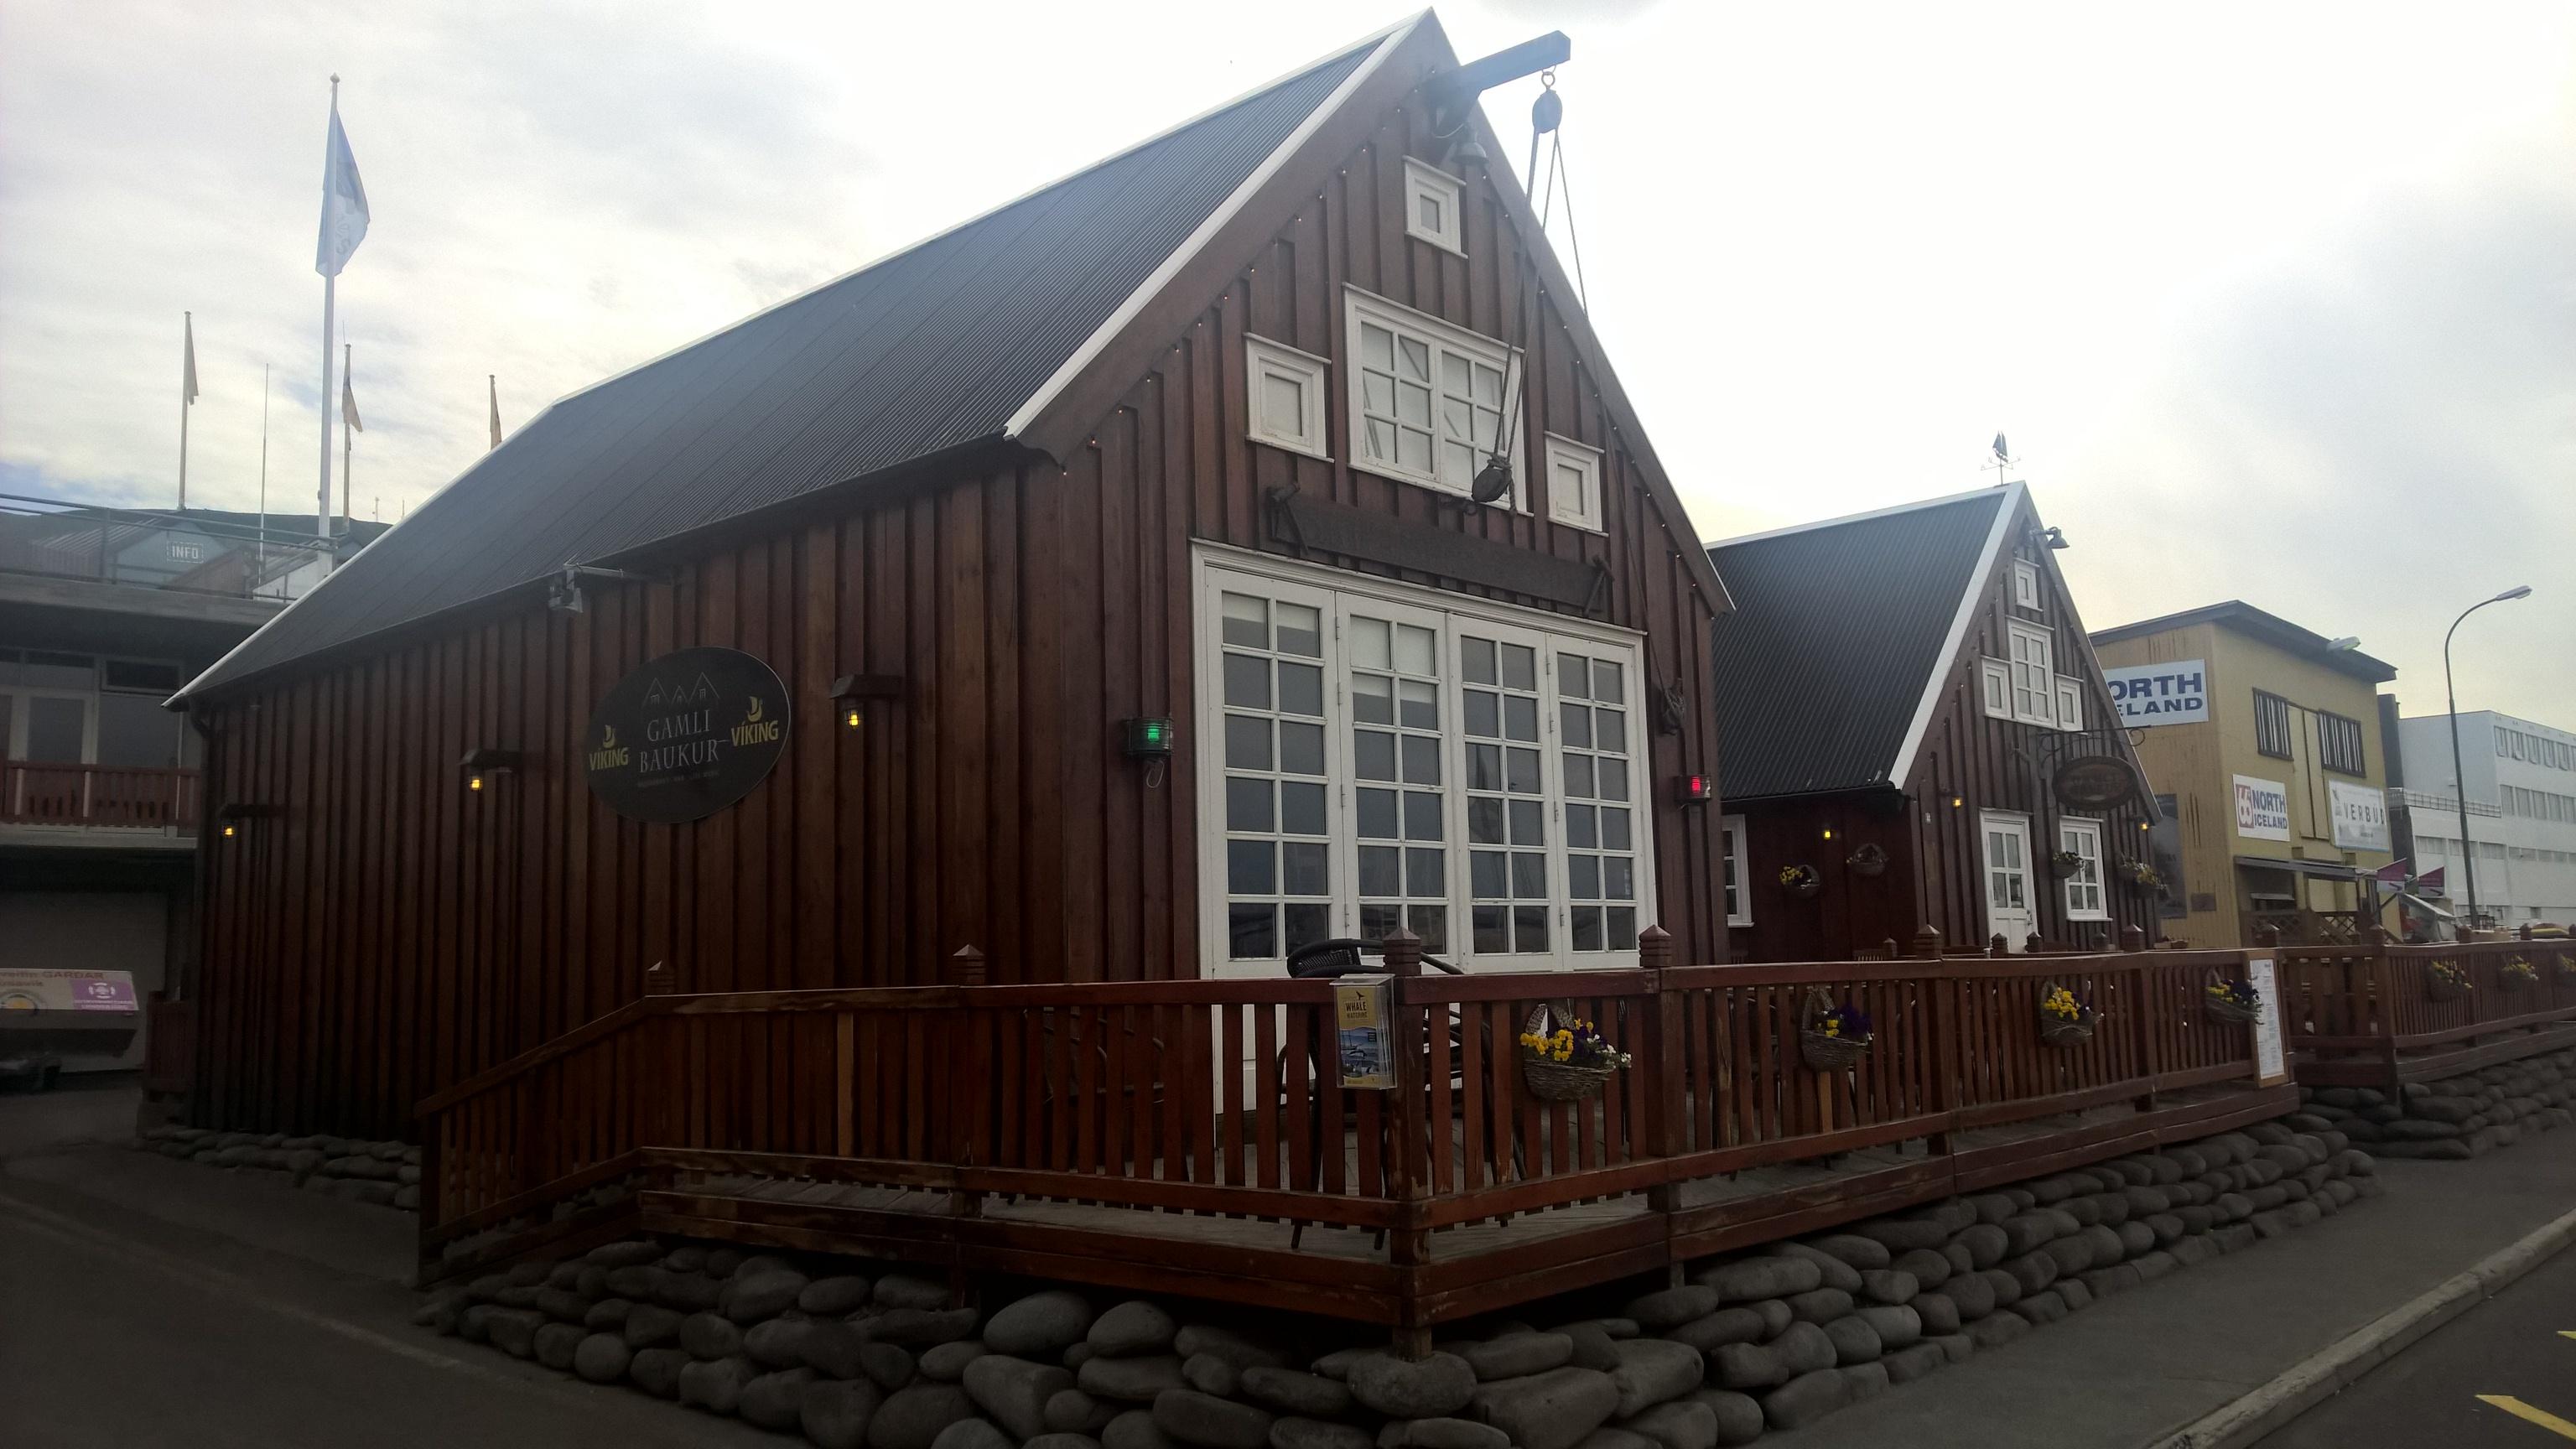 3日間にかけて、北アイスランドでできる様々な体験が楽しめるプライベートツアー